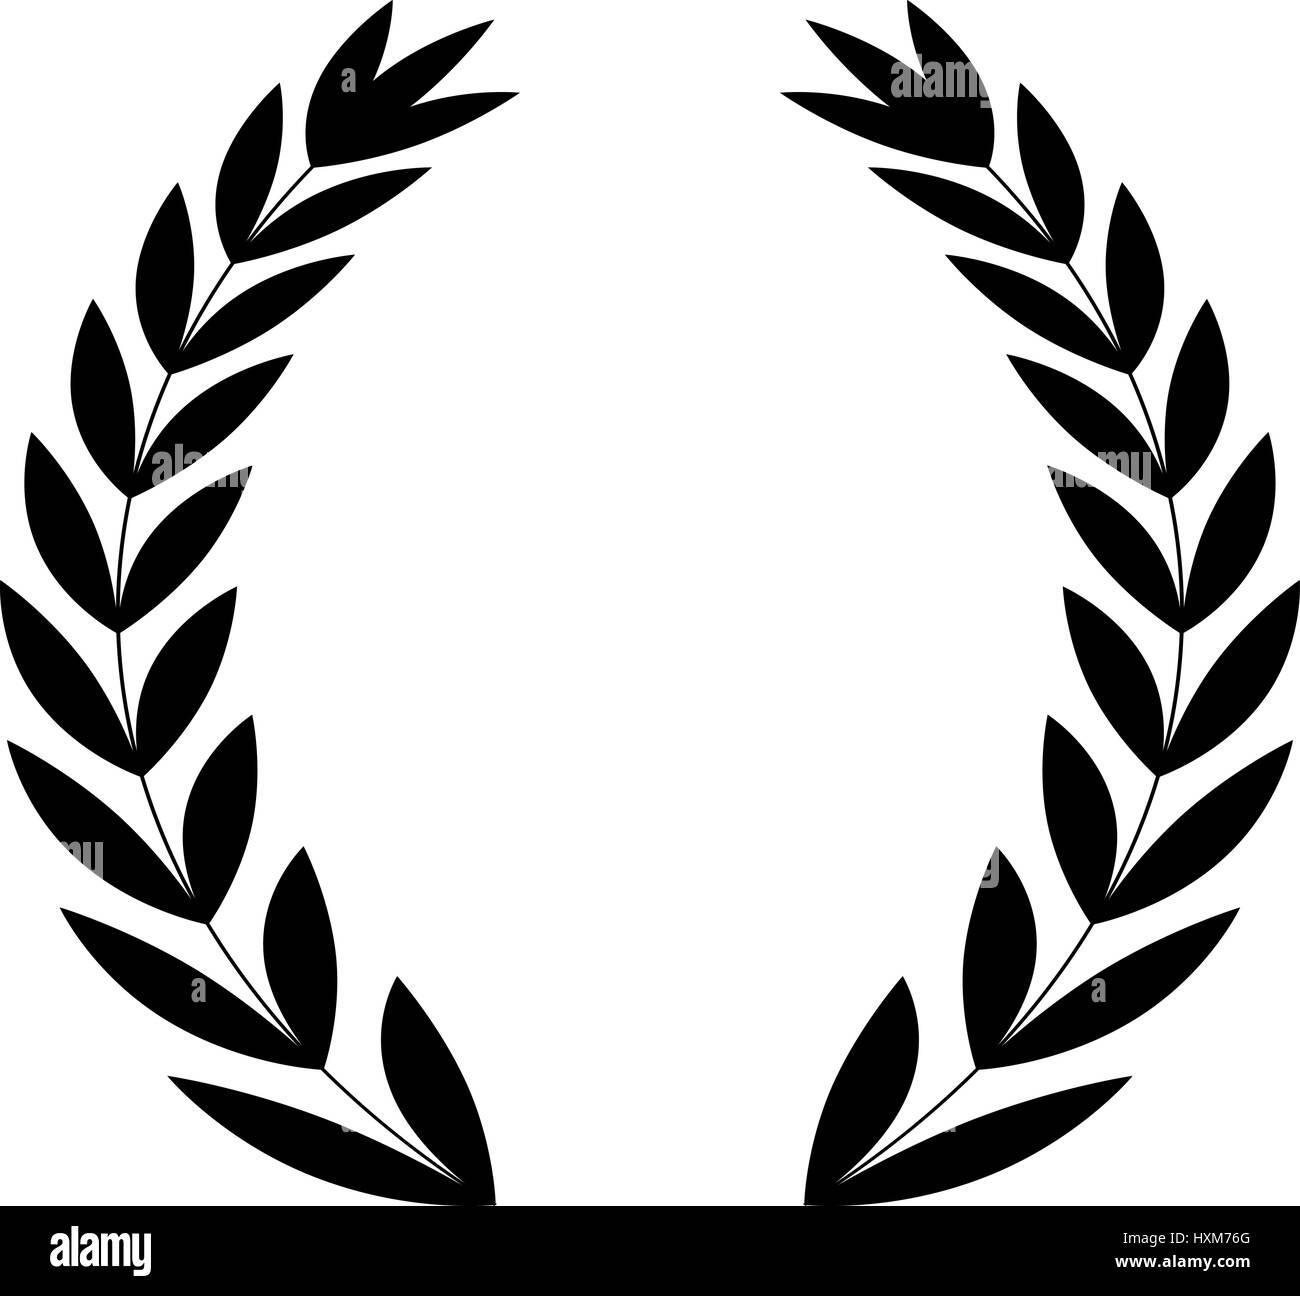 700 Gambar Desain Ornamen HD Terbaru Download Gratis